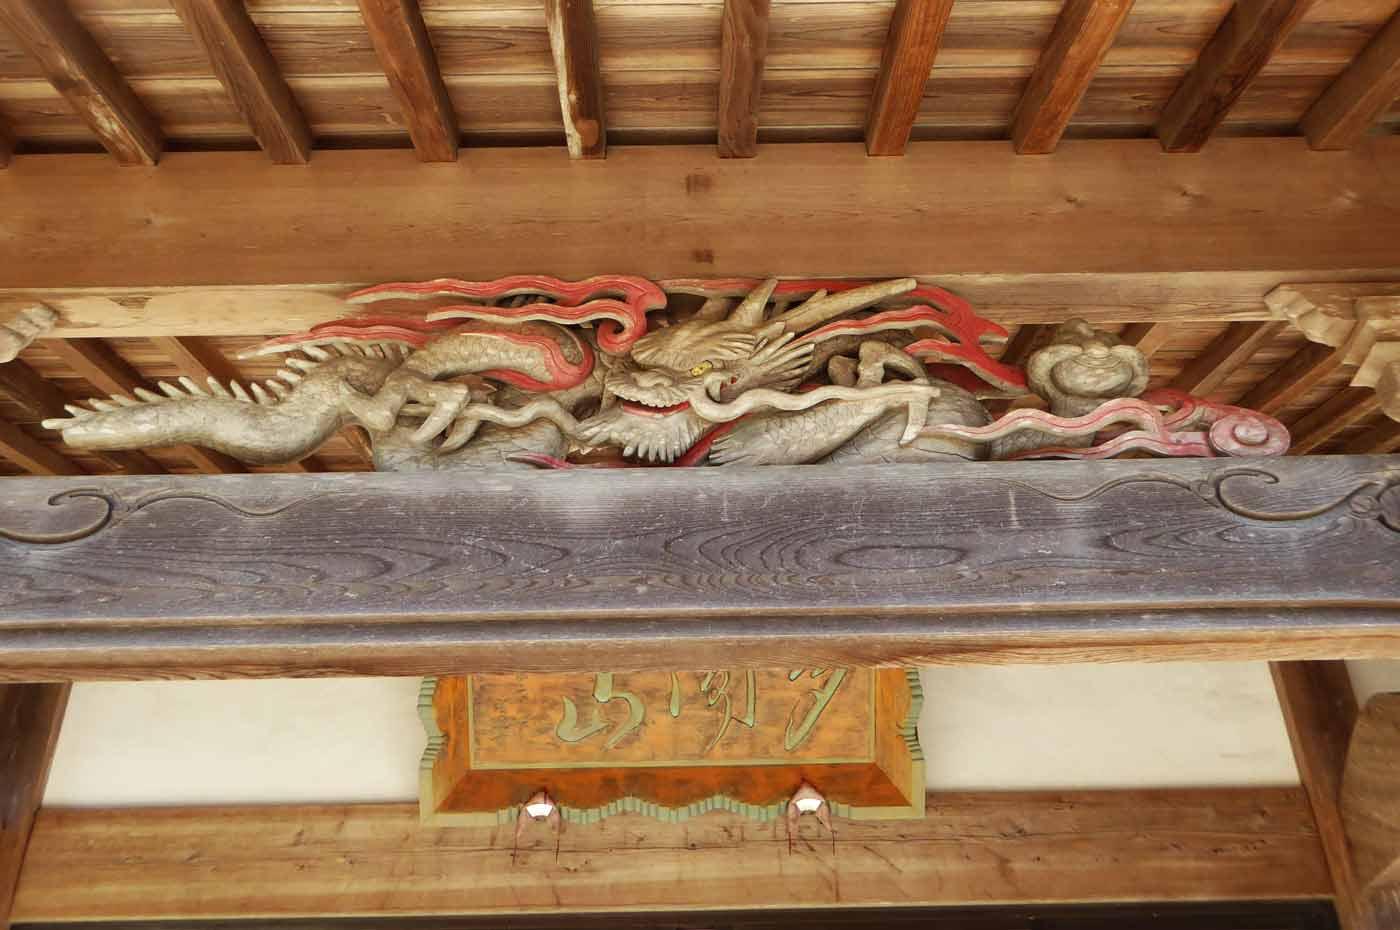 福楽寺の龍の彫刻の写真